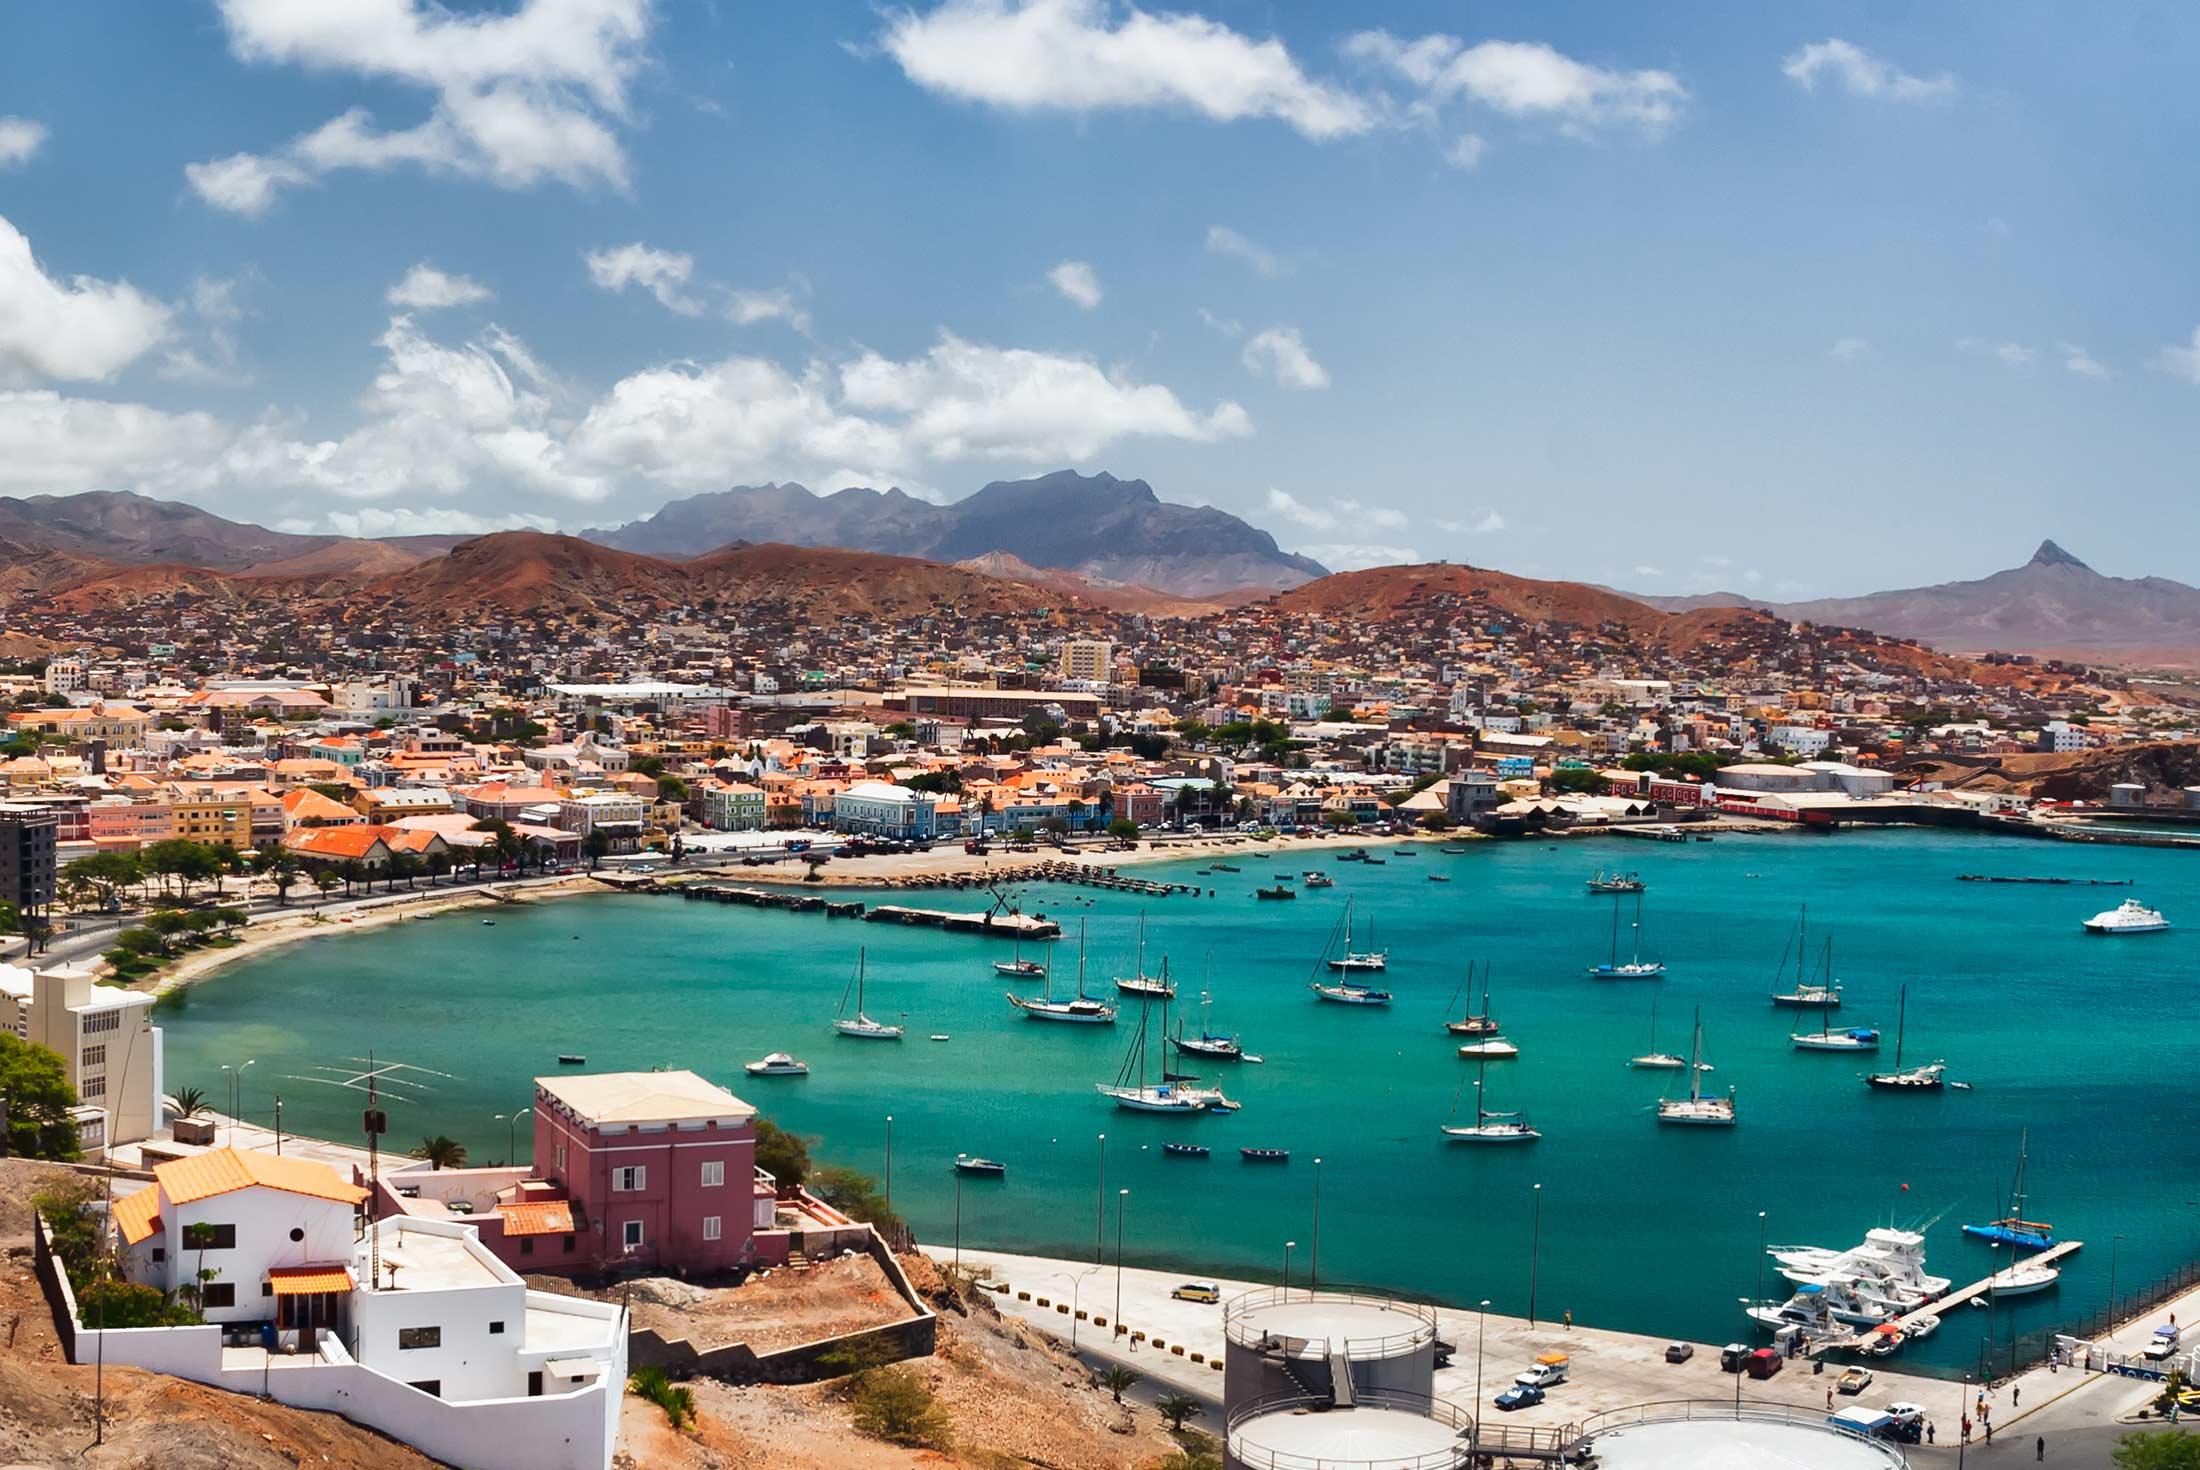 Ushuaia to Cape Verde via the Atlantic Islands 2